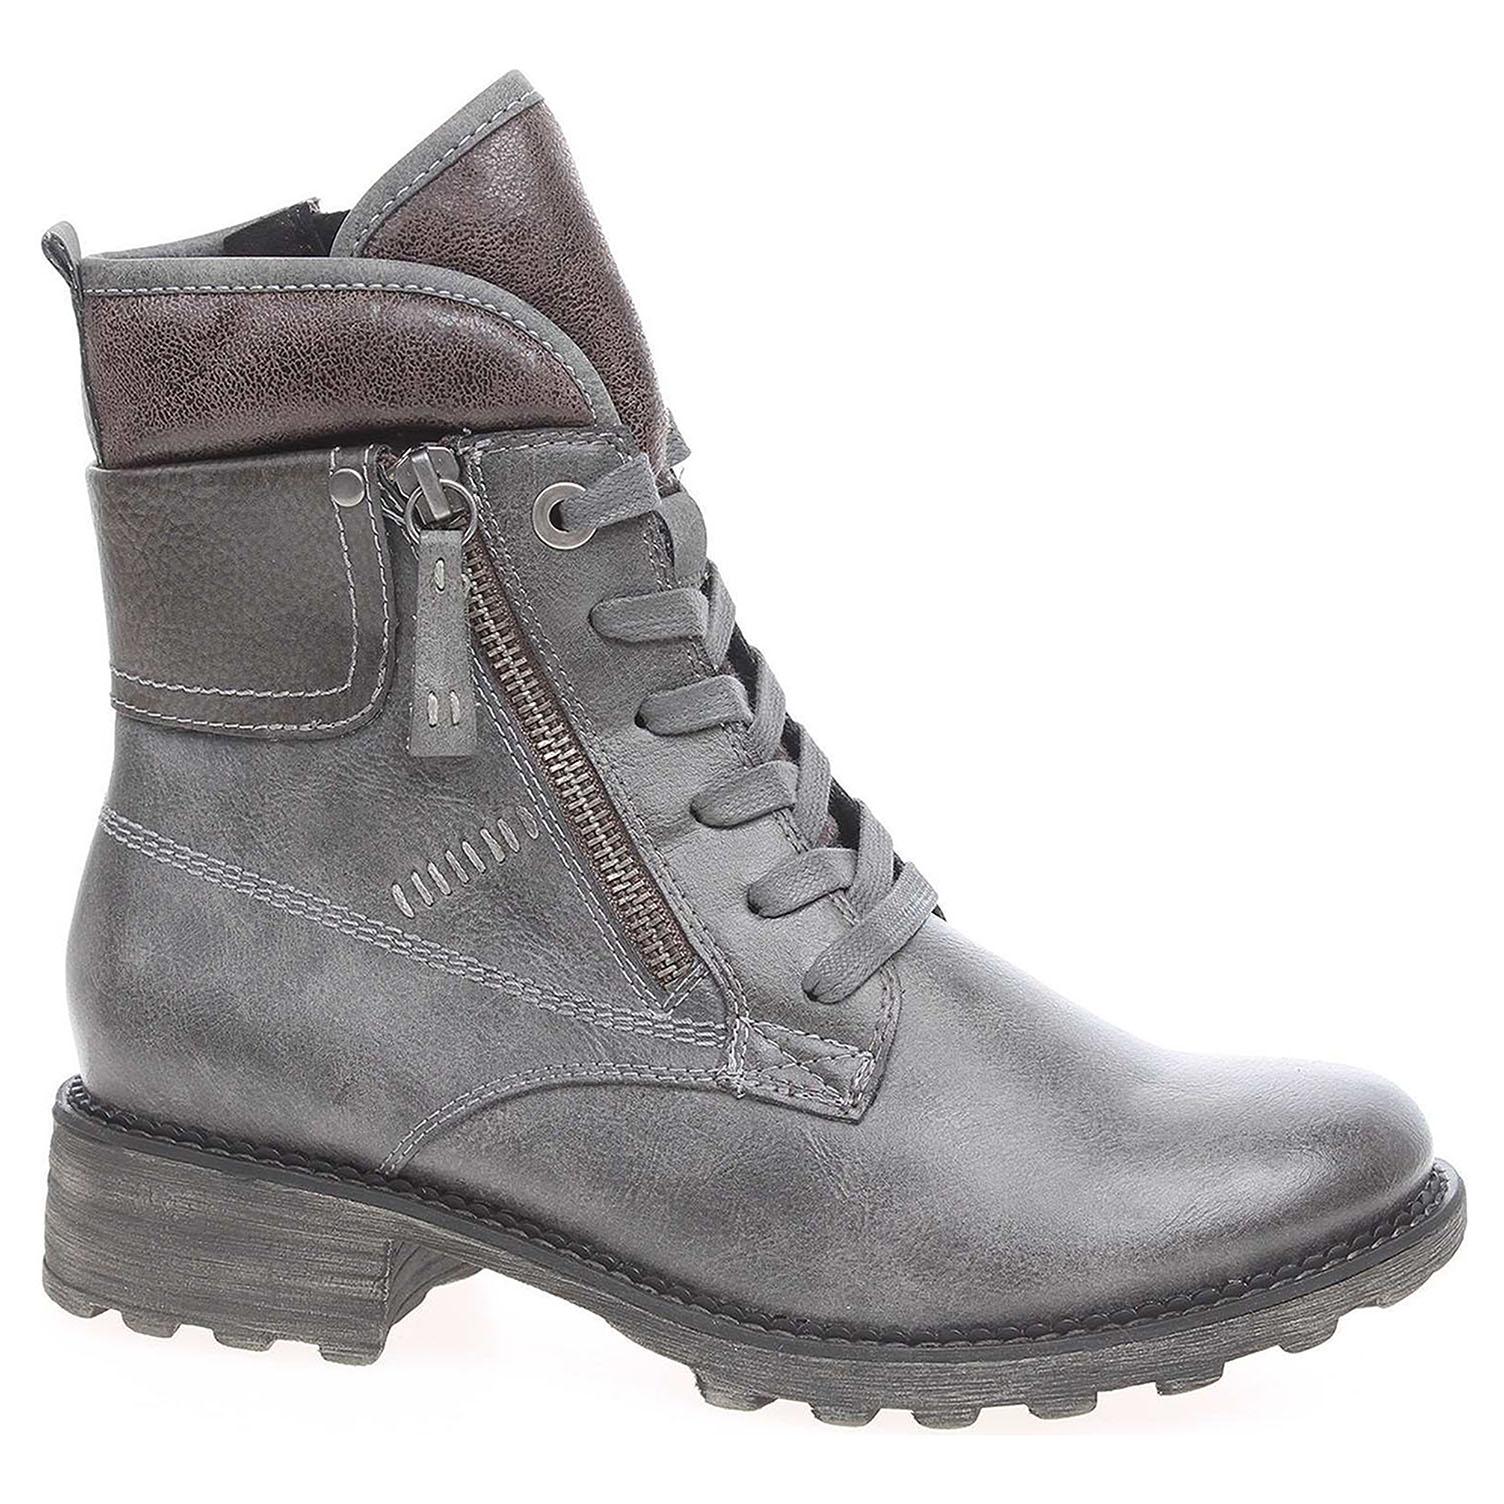 c93c12053882e Dámska členkové topánky Tamaris 1-26248-29 šedé | REJNOK obuv